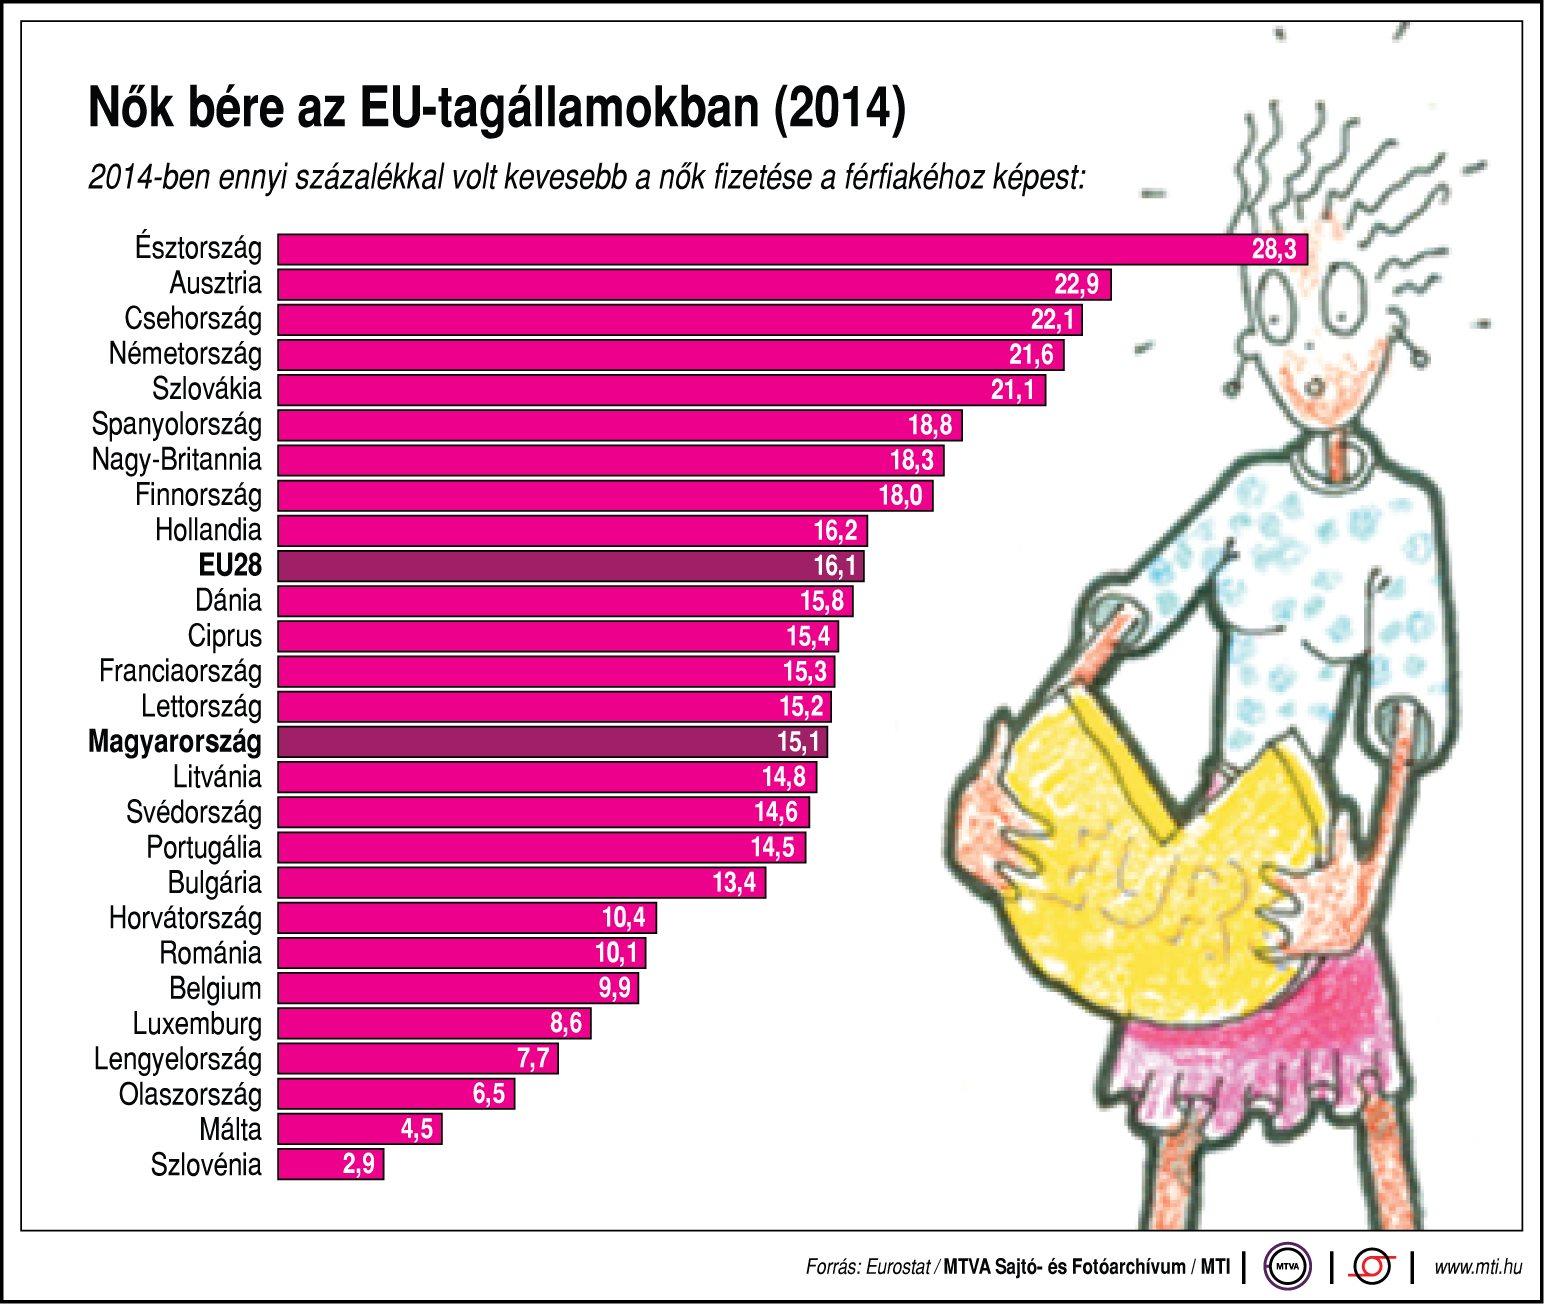 Mennyit keresnek a nők az EU-ban?